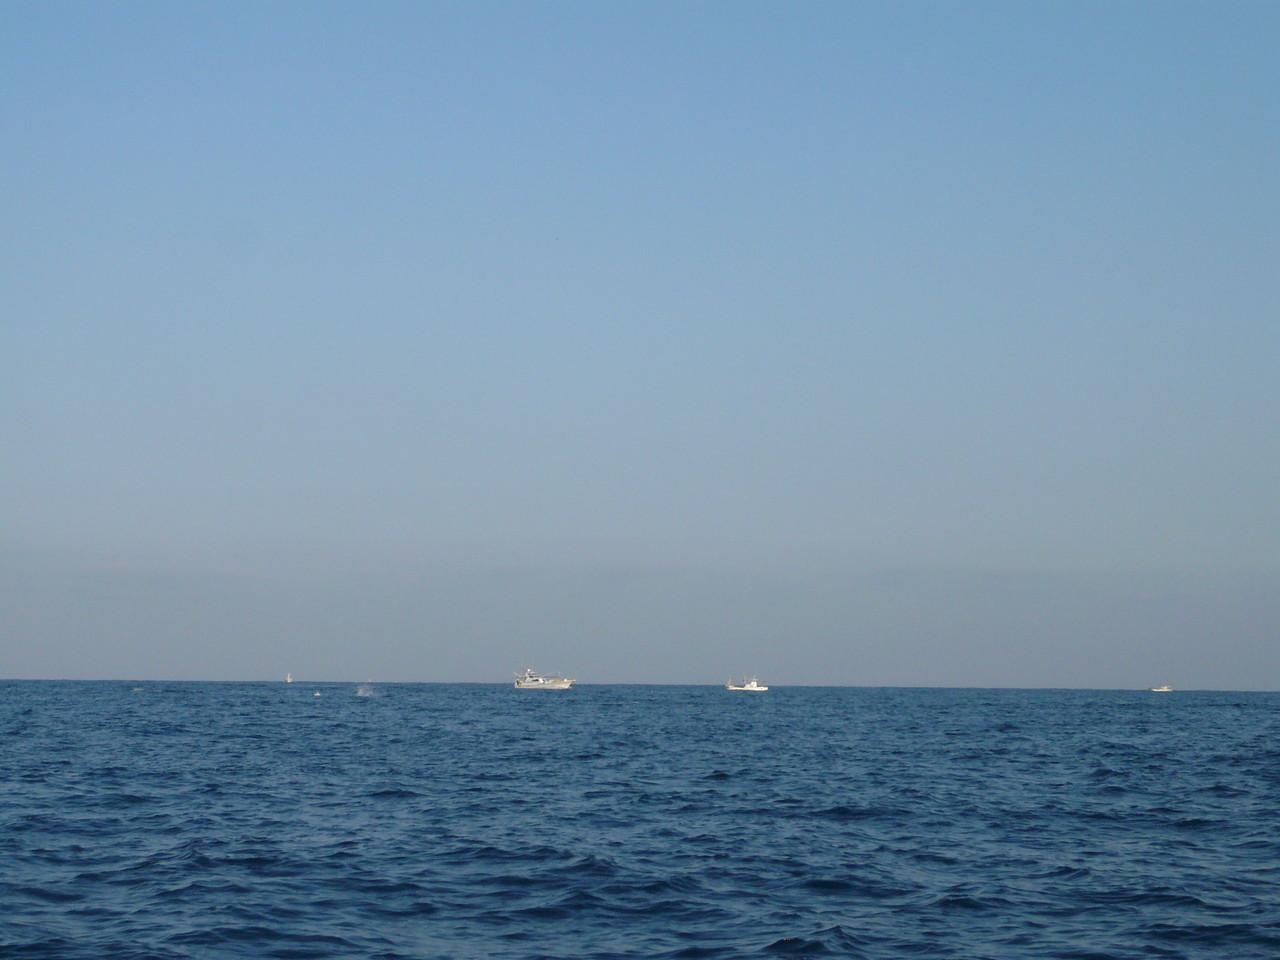 3月12日 最悪です イルカの大群 サワラ・ブリ・ヒラマサ釣りの漁船の近くをイルカが通過します